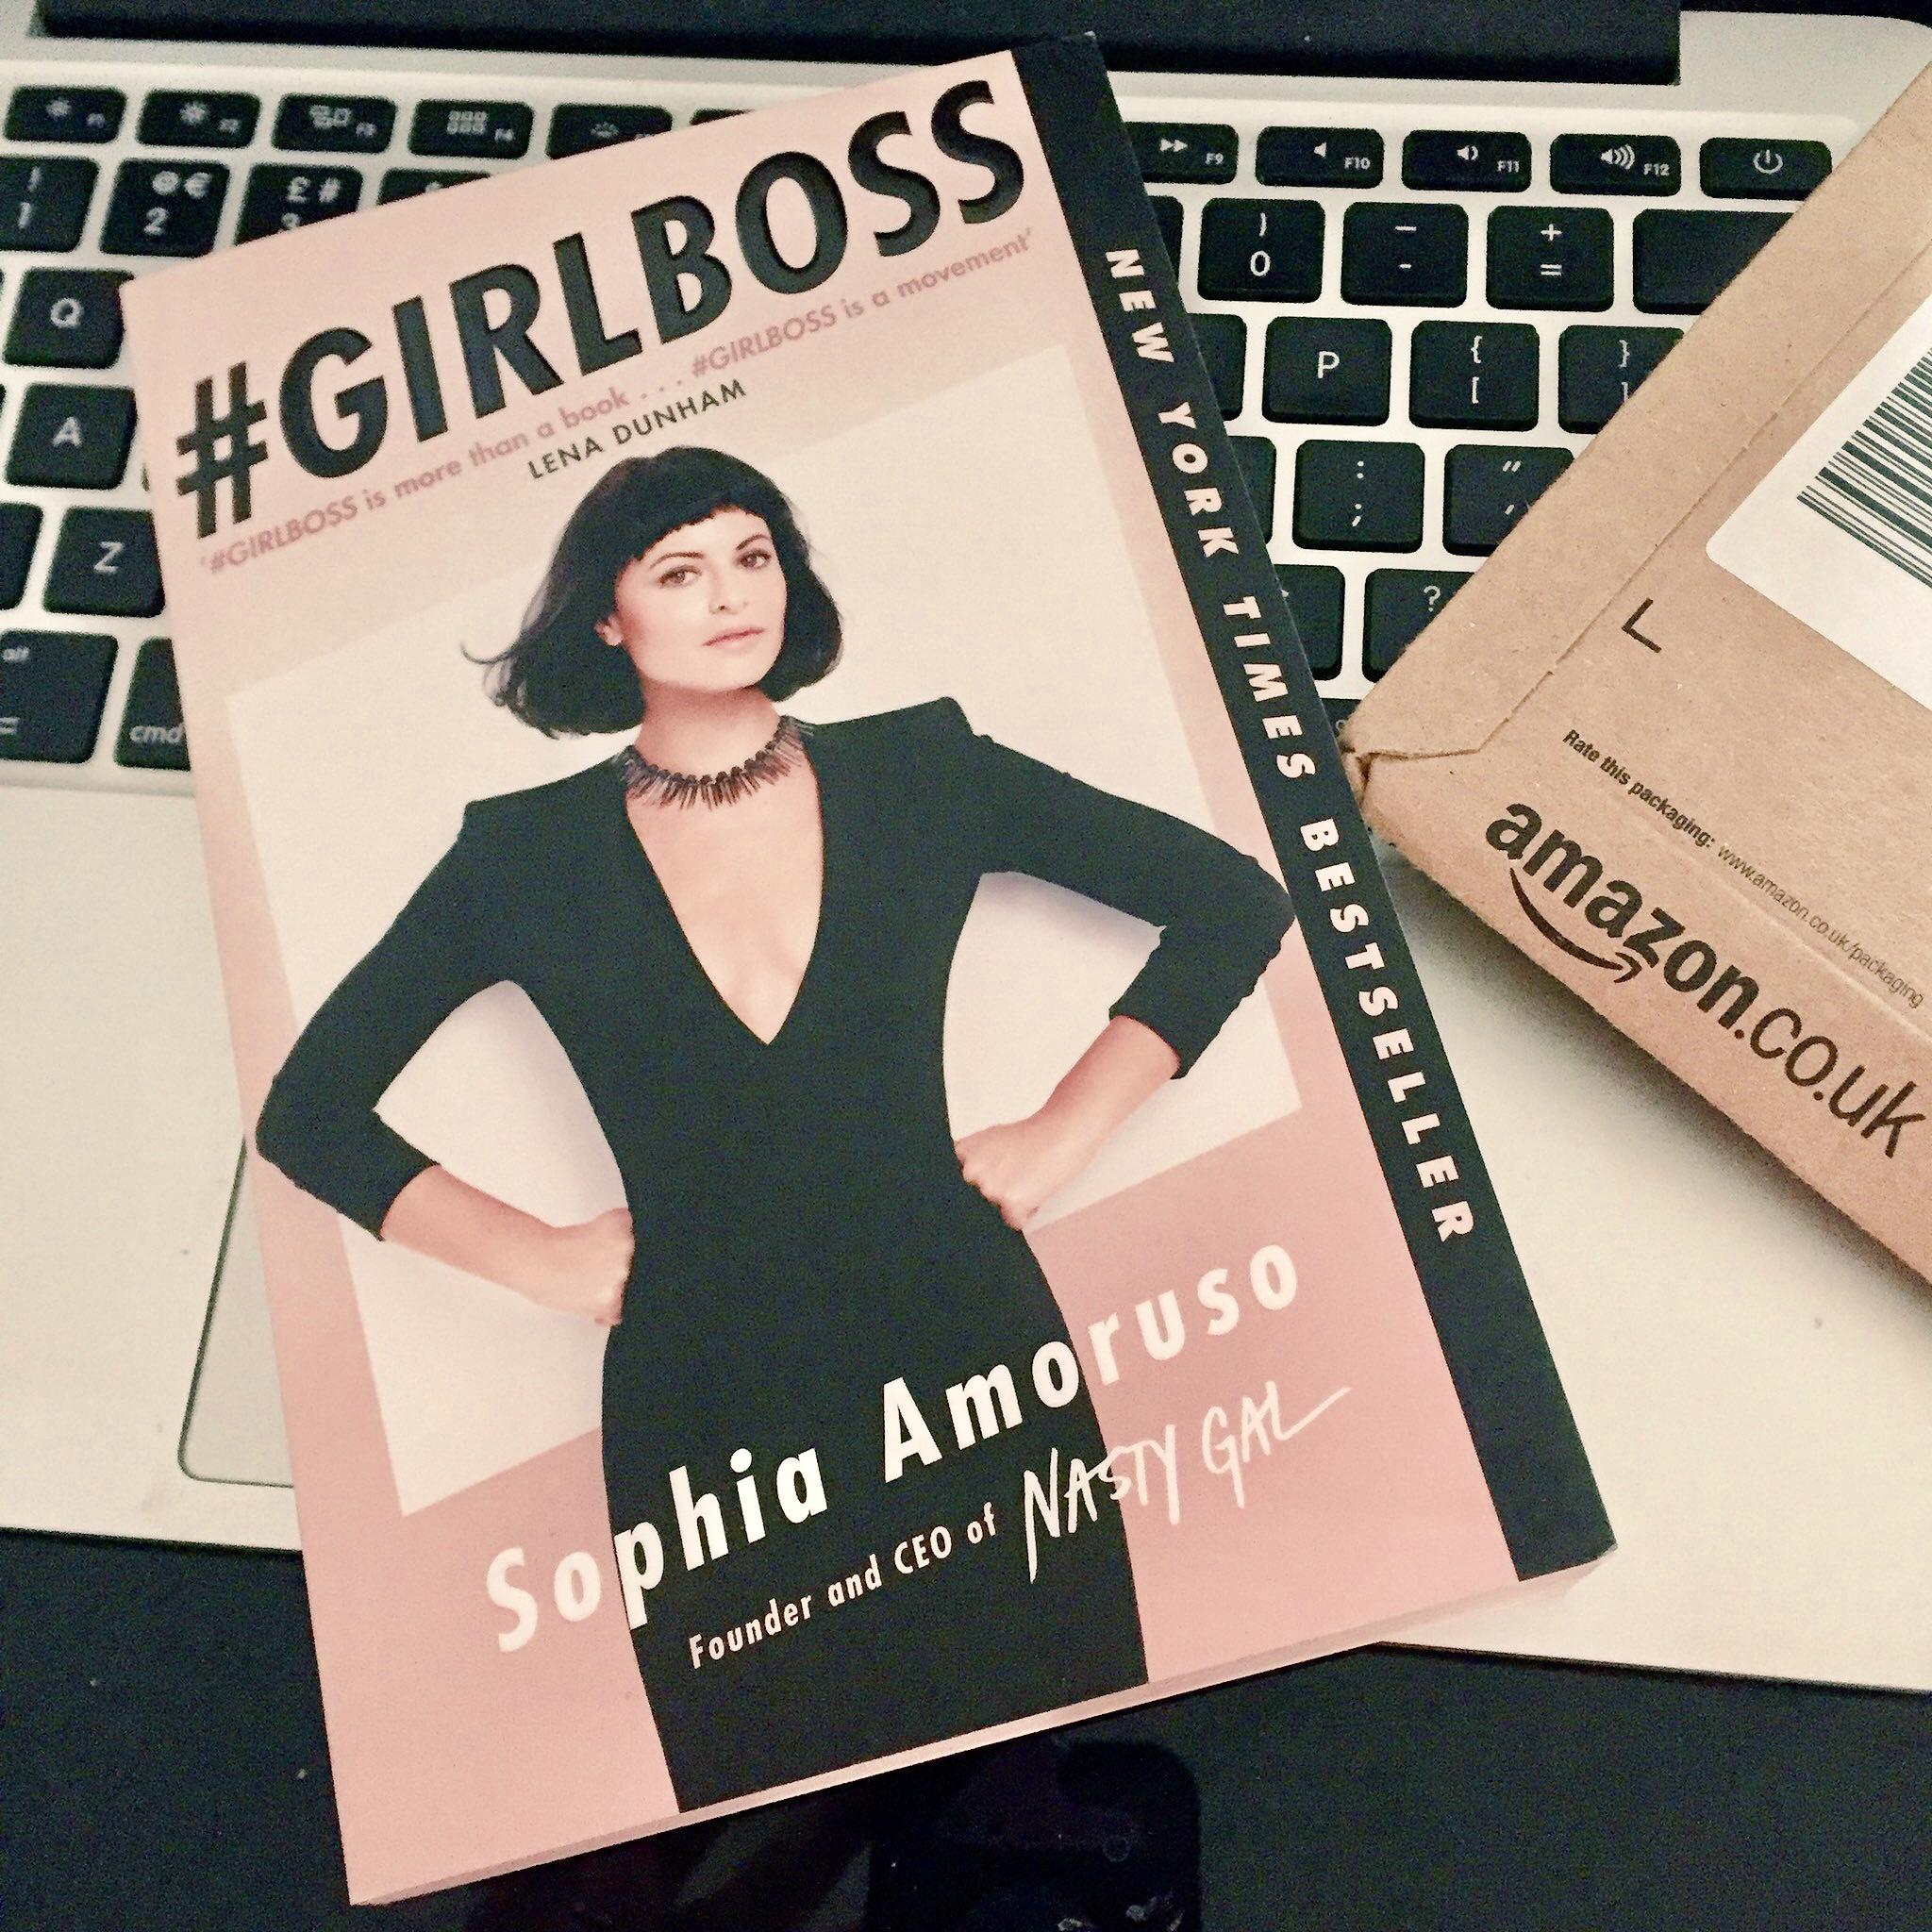 A #GirlBoss Act of Kindness